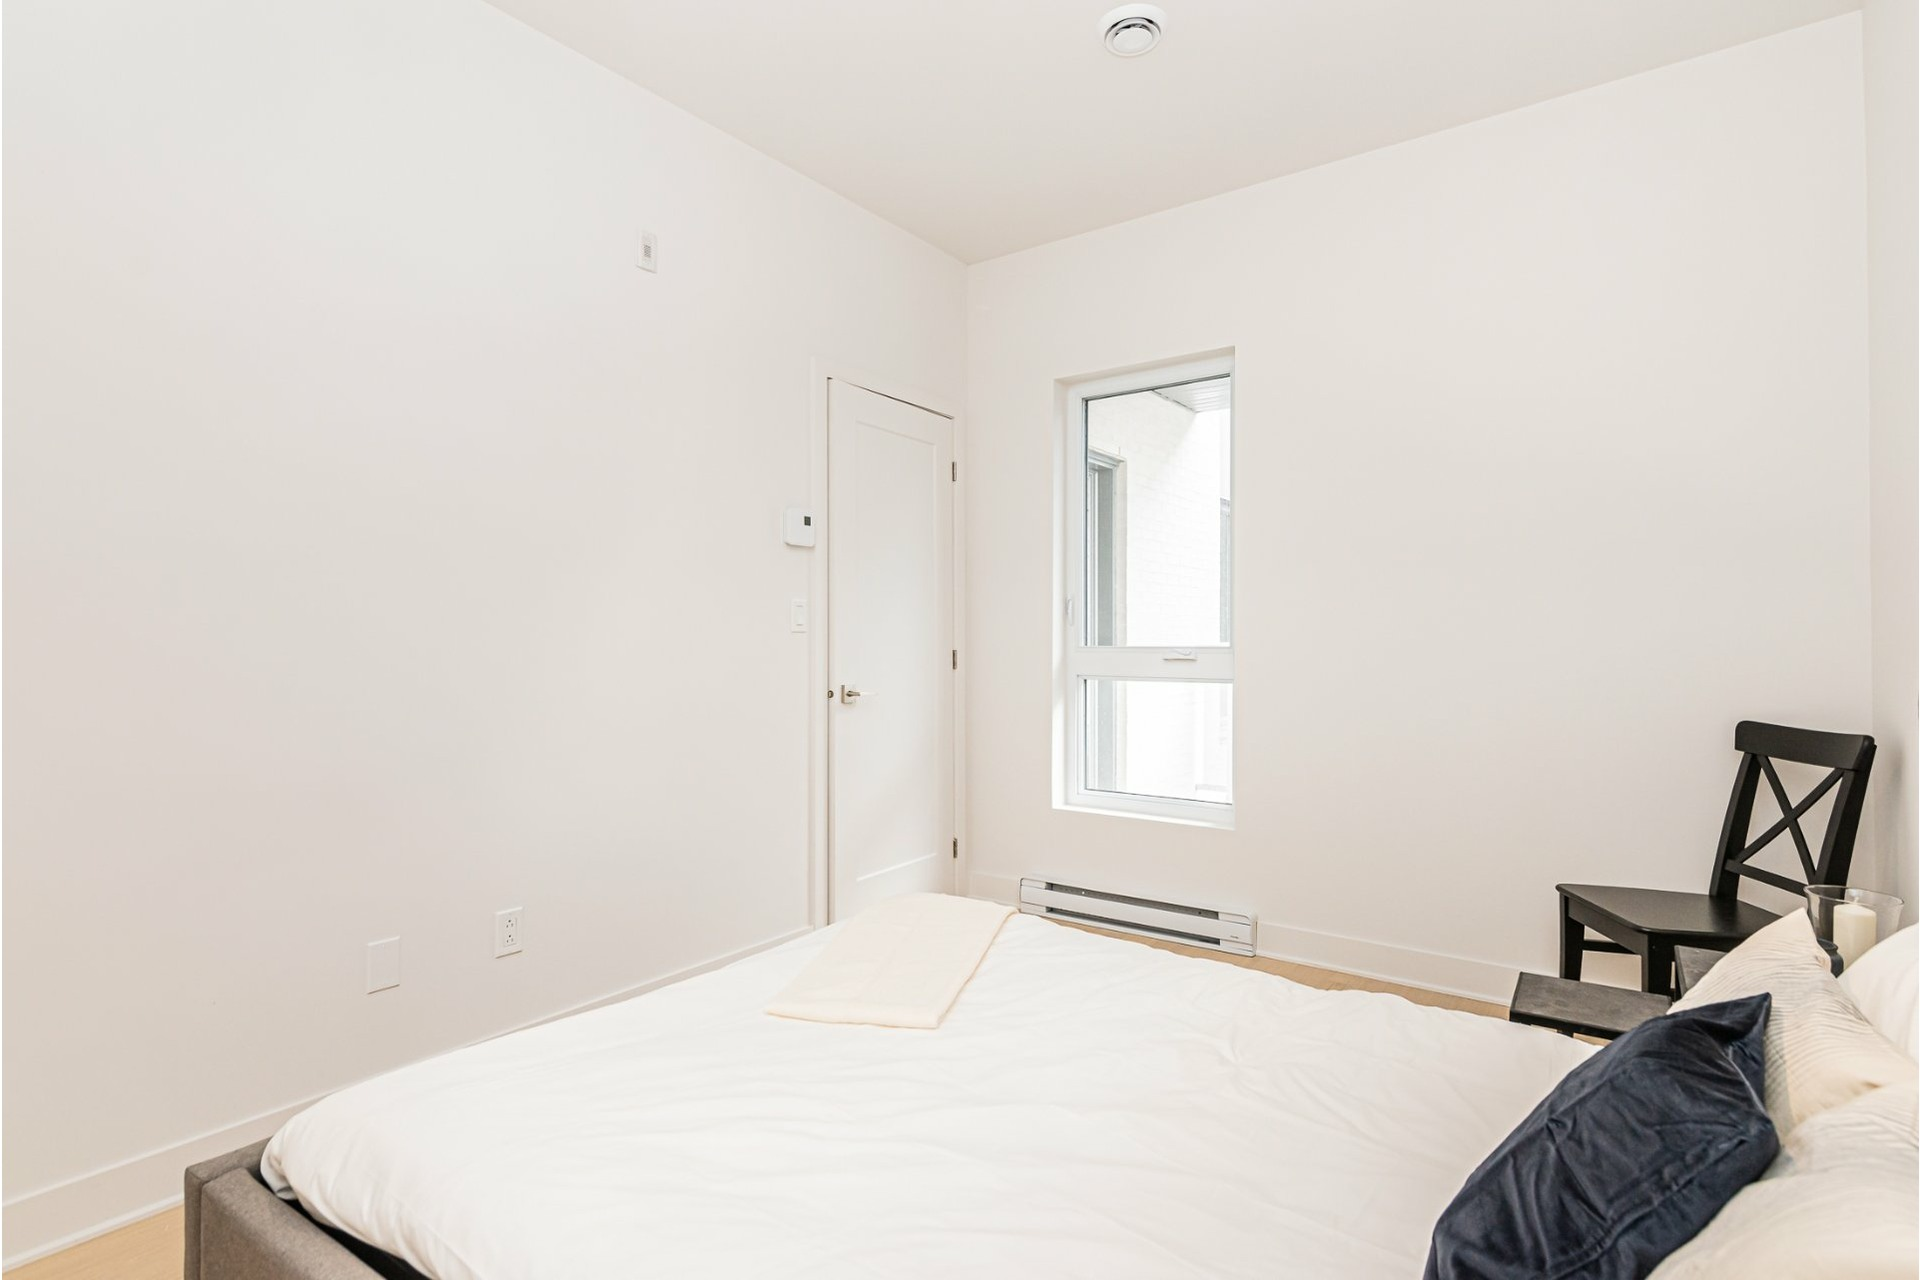 image 22 - Appartement À vendre Rosemont/La Petite-Patrie Montréal  - 5 pièces